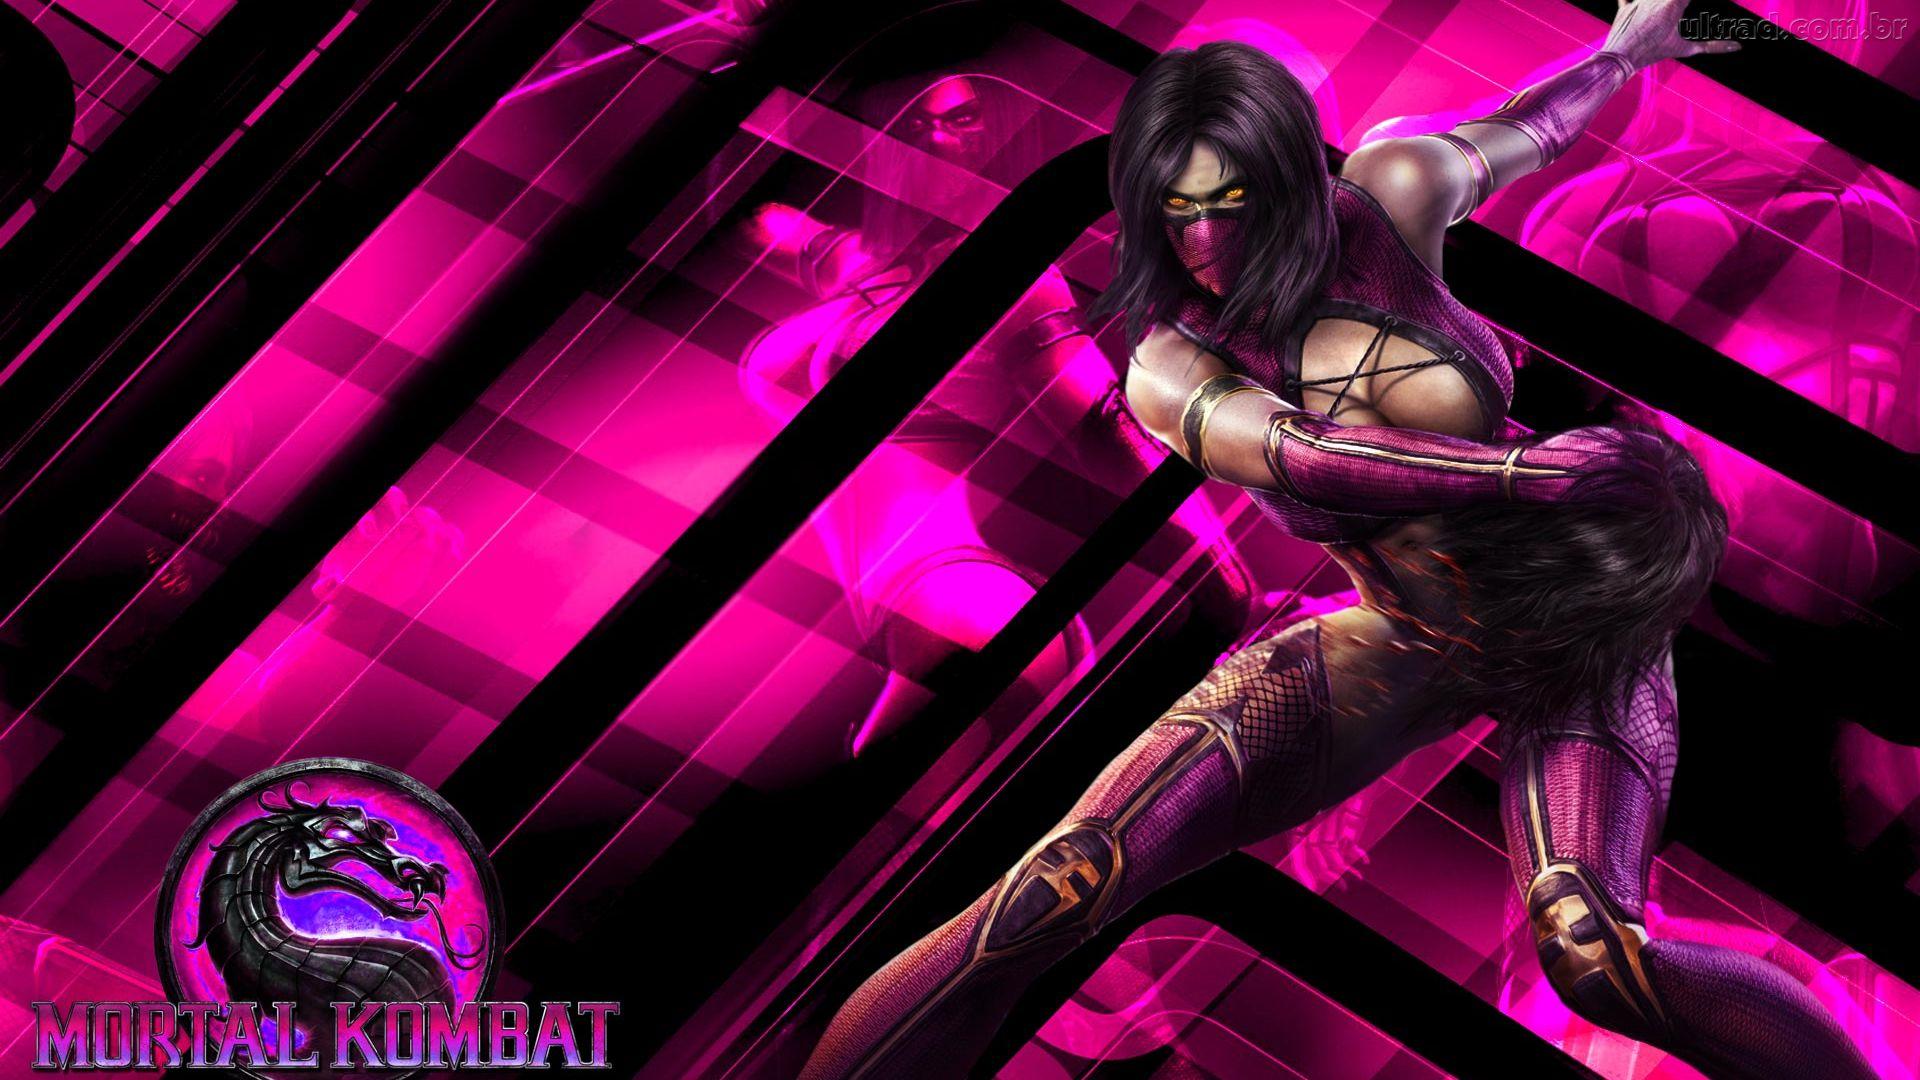 Mileena Mortal Kombat Wallpaper Wallpapersafari